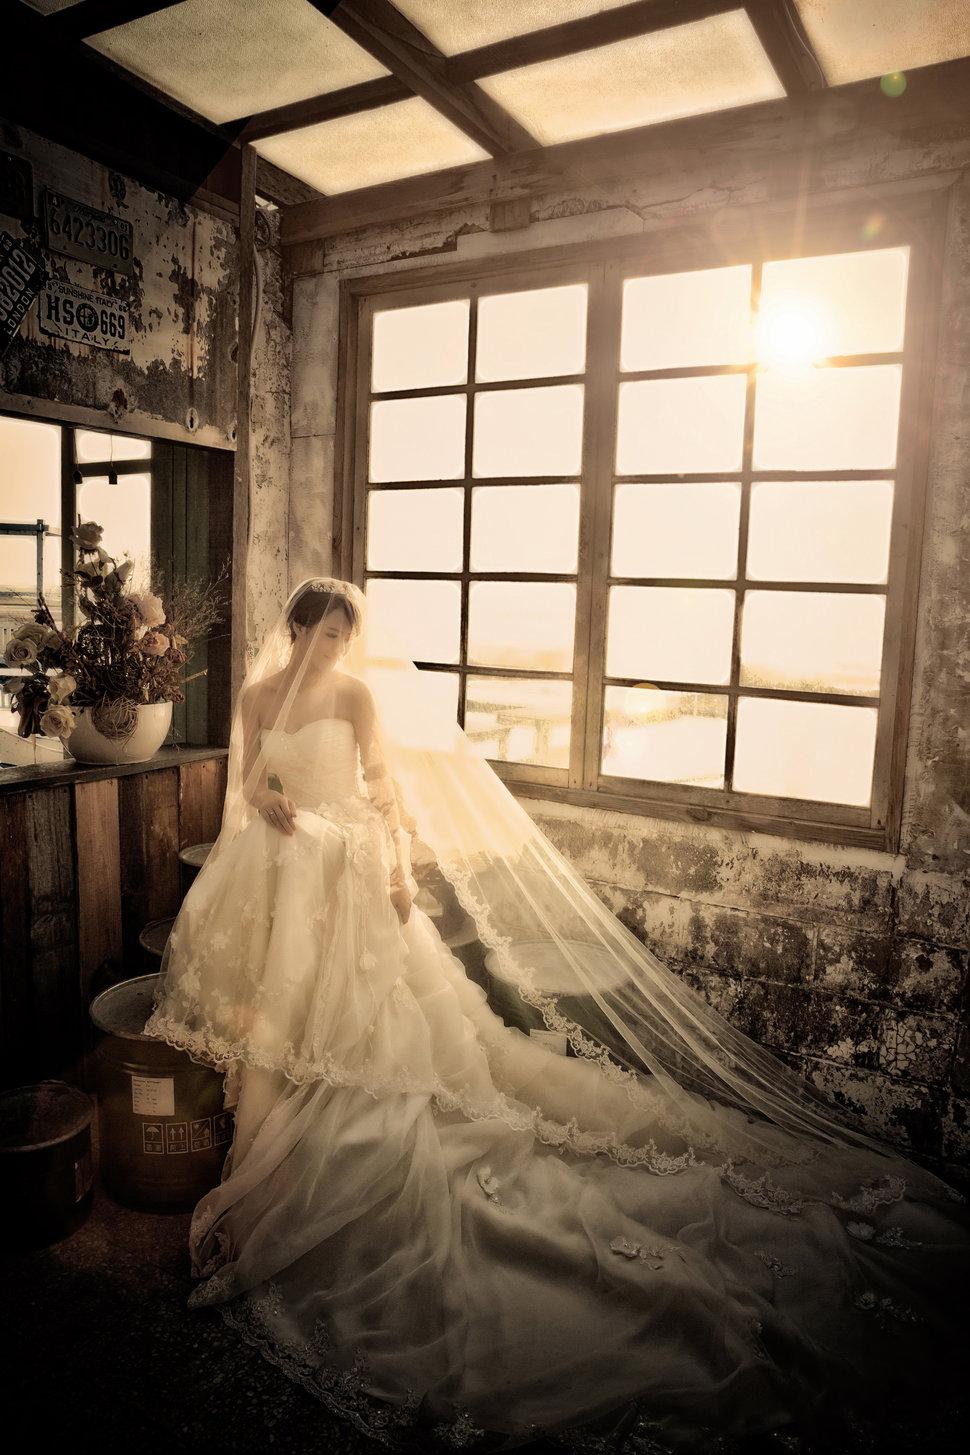 熟悉的角落 是最美麗的風景  希臘婚禮  新人分享 智&芸(編號:423760) - 希臘婚禮  婚紗  攝影 - 結婚吧